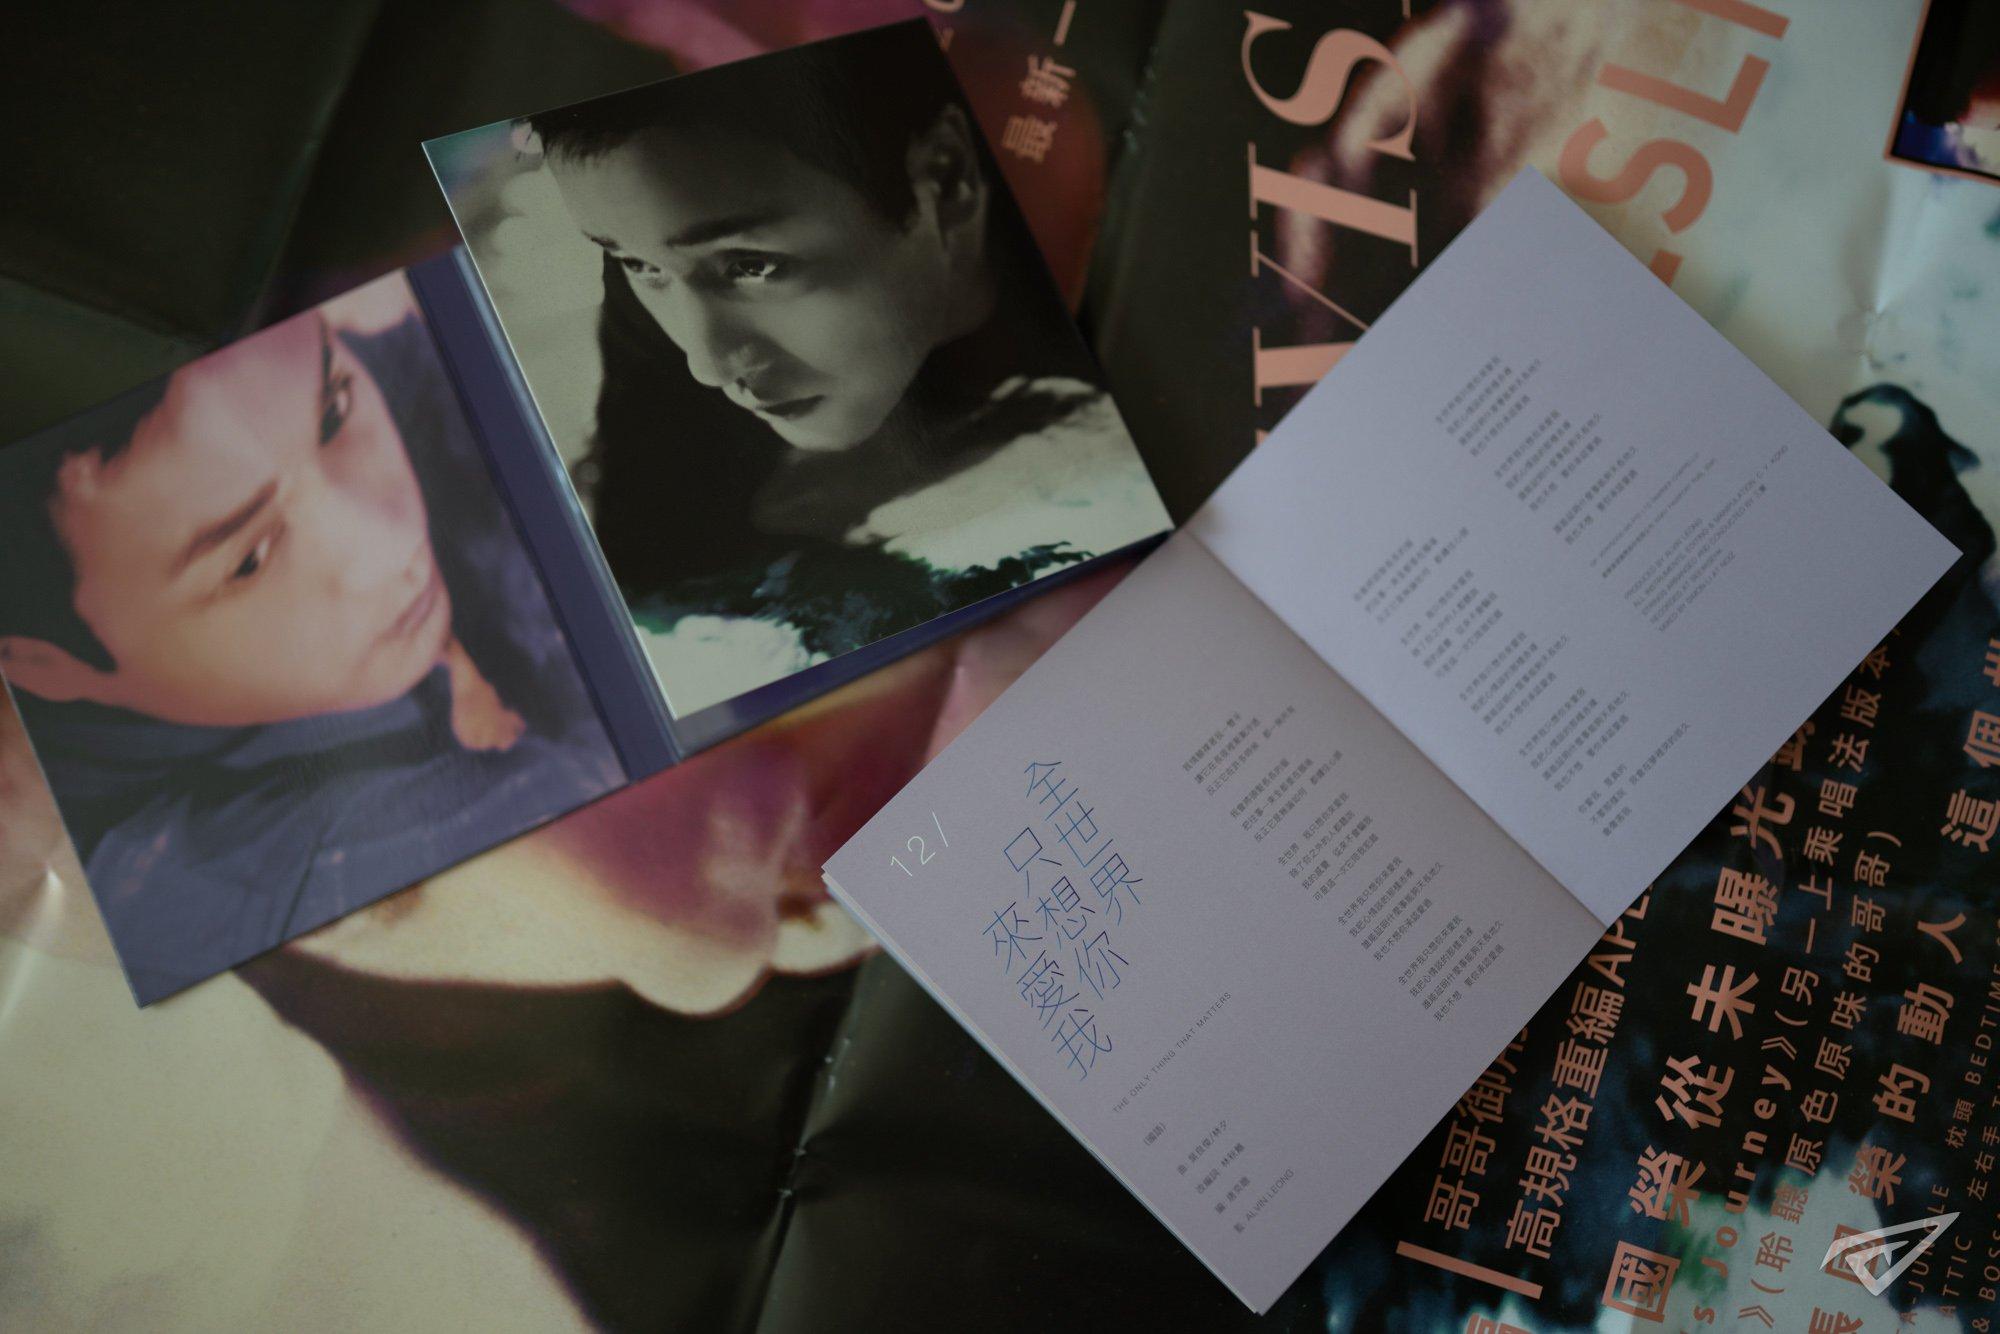 张国荣 Leslie Cheung - 2020新专辑《Revisit》CD开箱